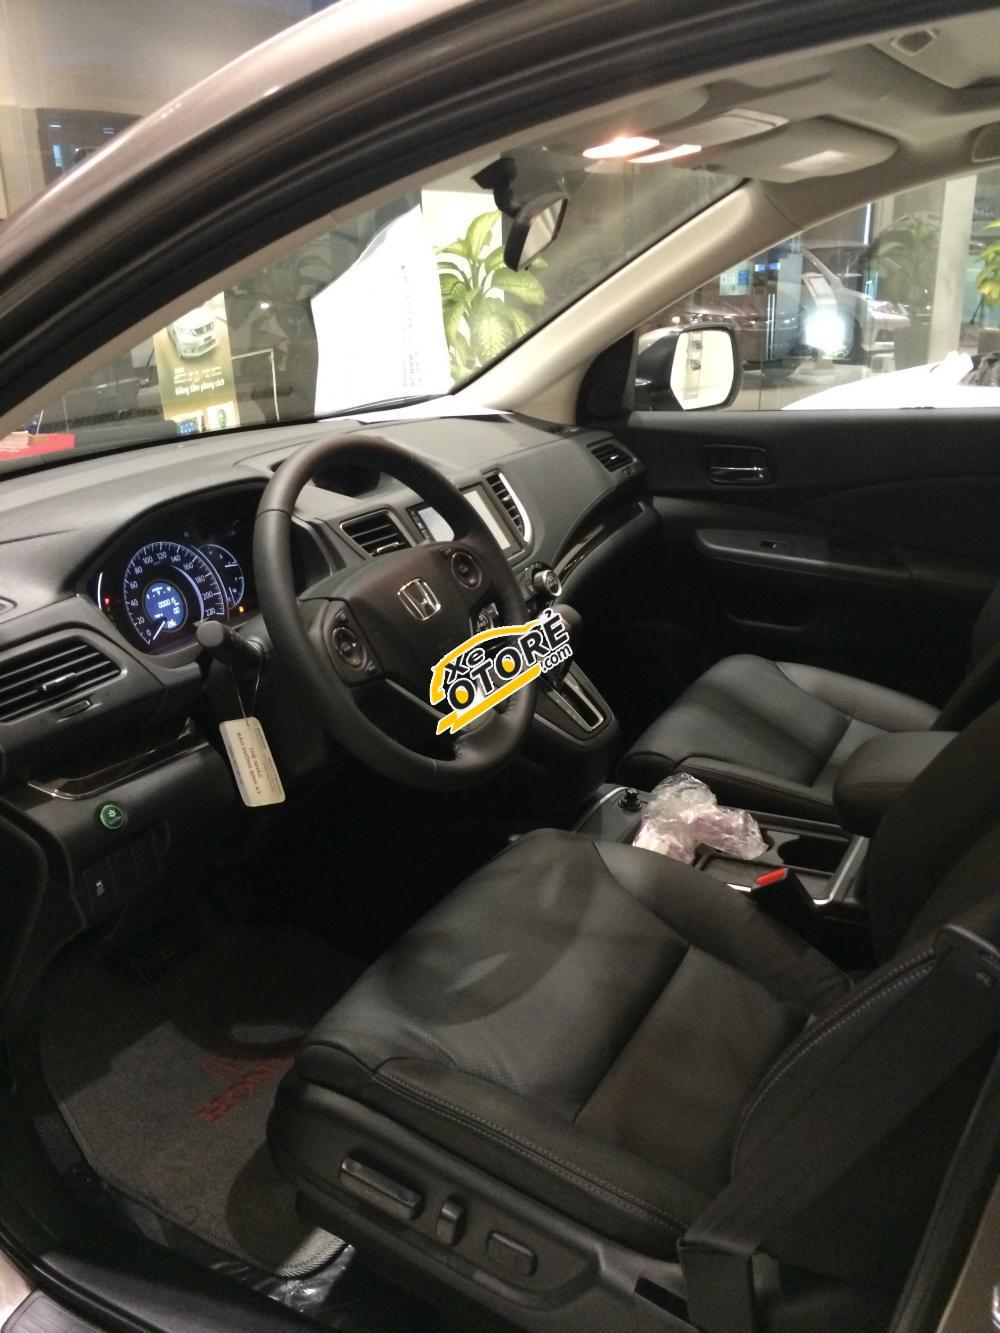 [Lâm Đồng] Honda Nha Trang bán xe Honda CR V 2.4 TG sản xuất 2017 giá tốt + phụ kiện + bảo hiểm, giao xe tận nơi